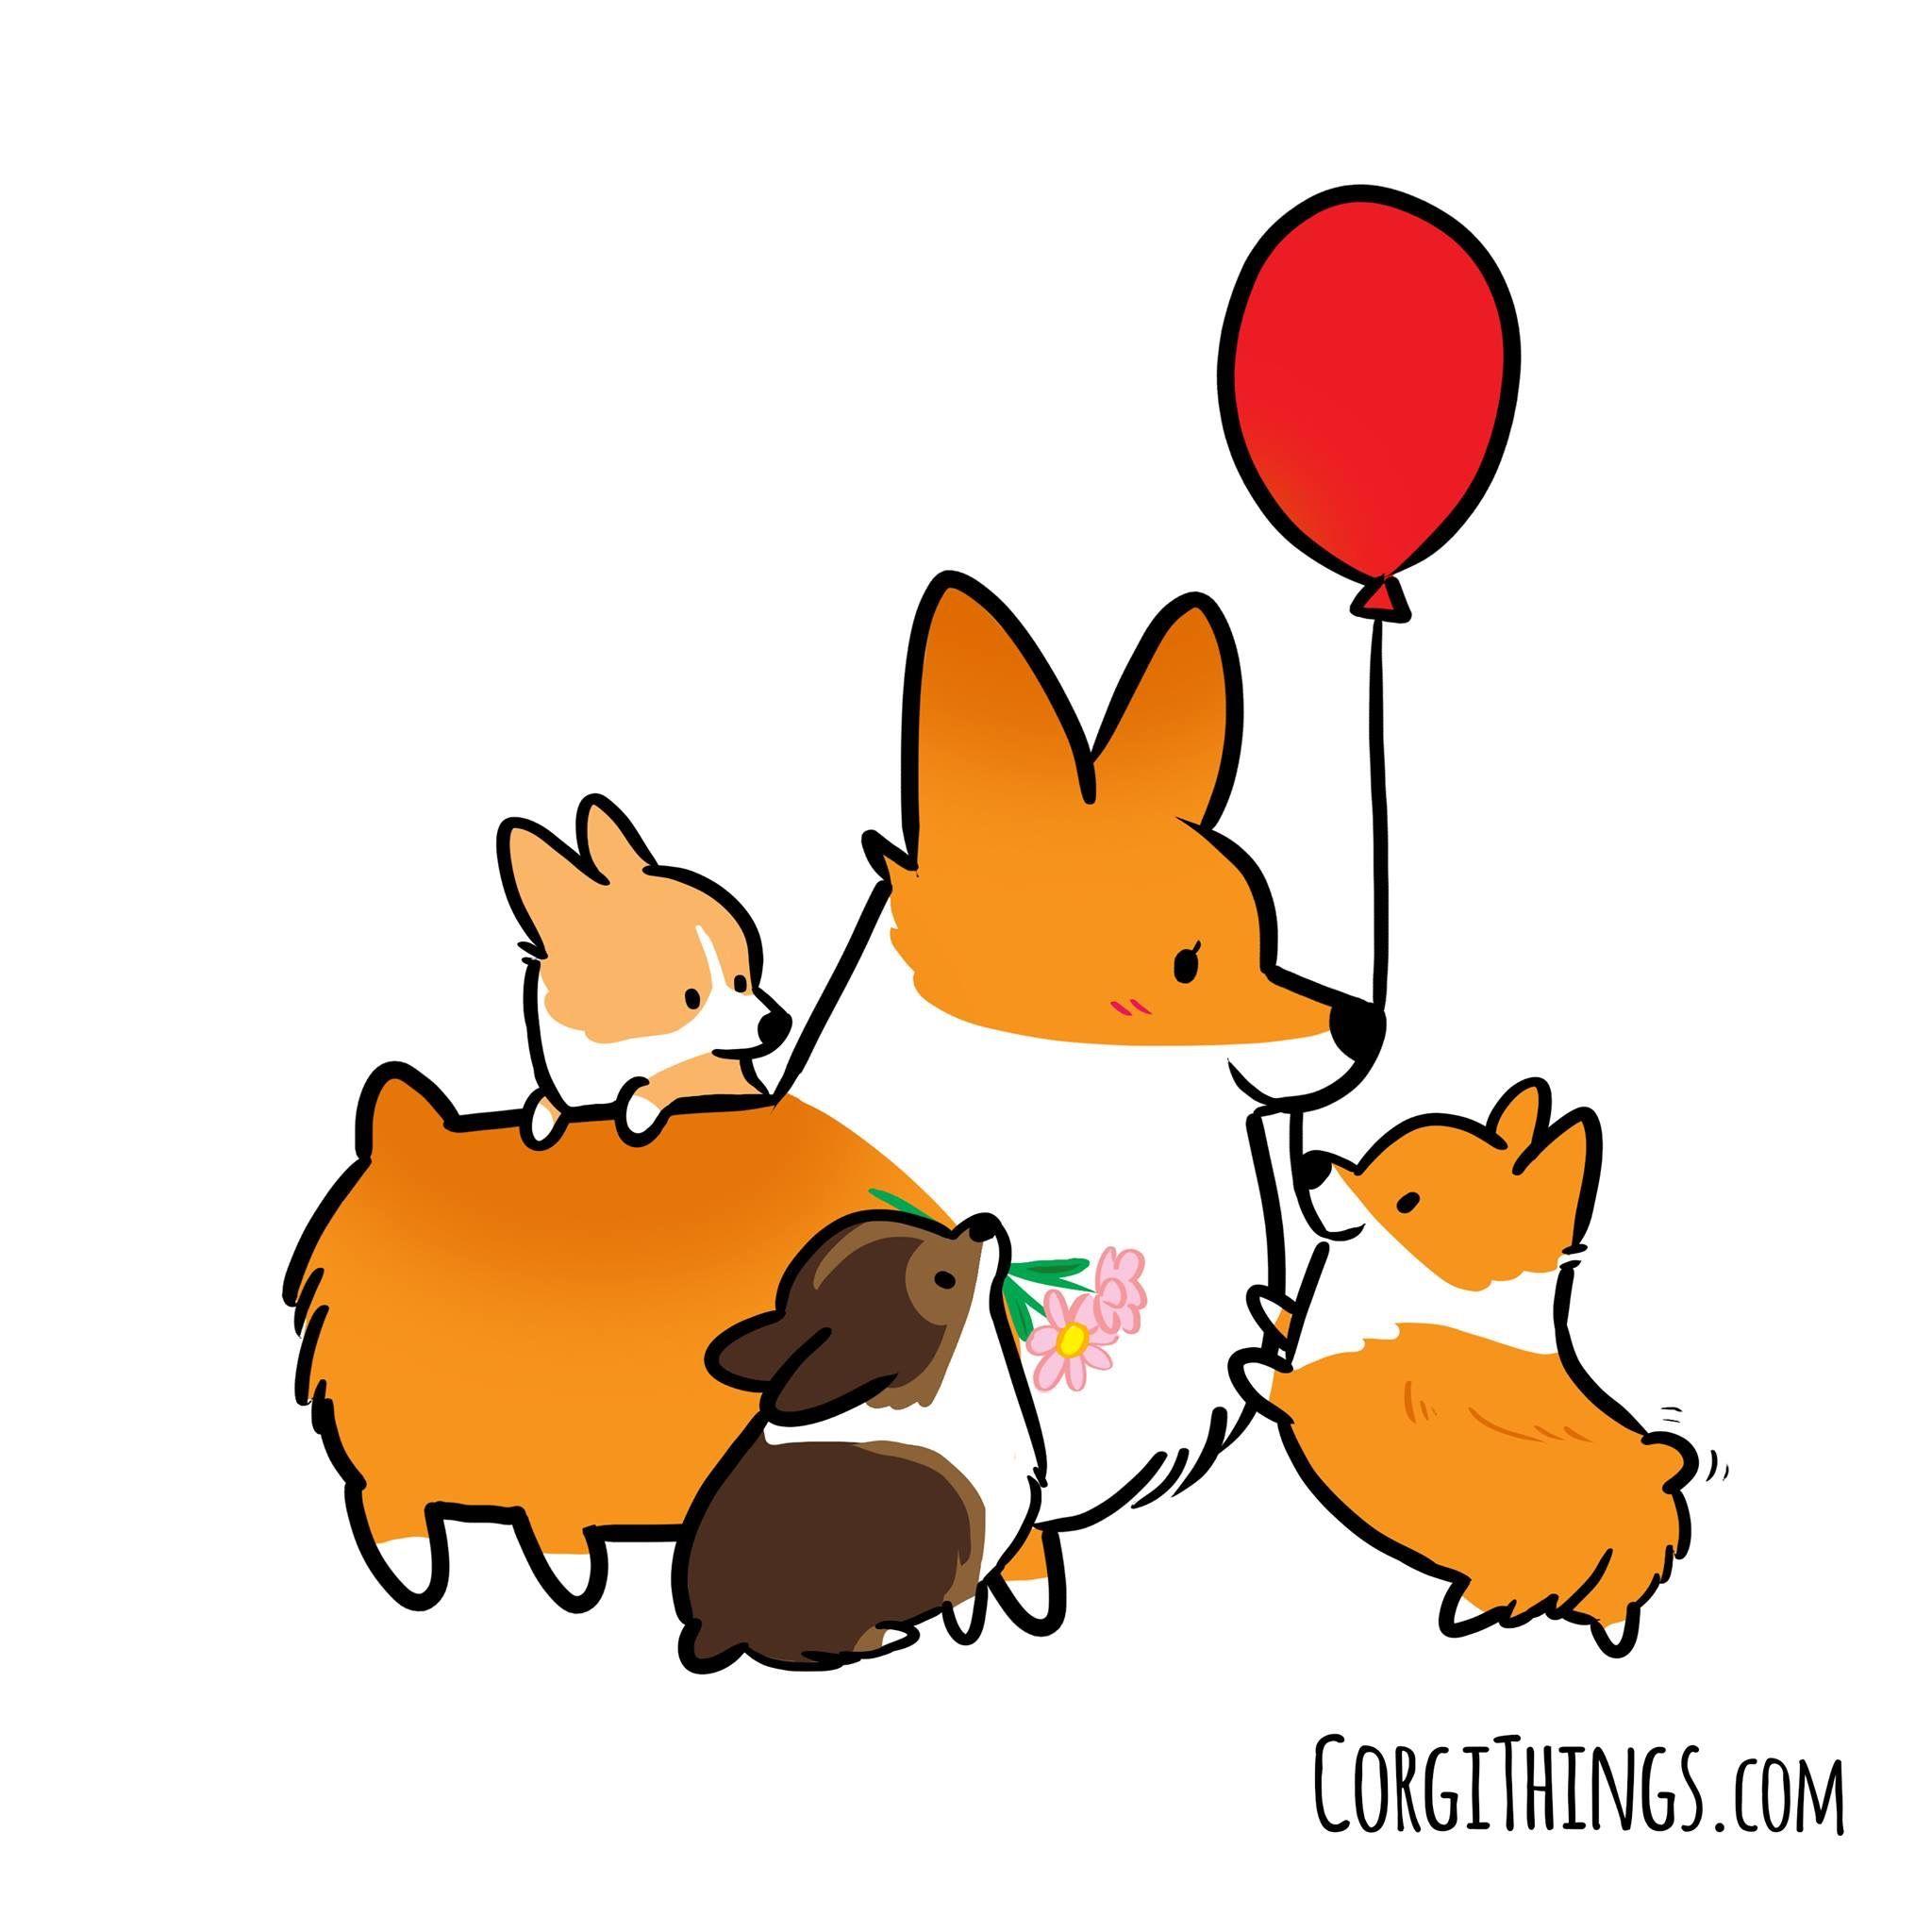 Cute animal drawings | Corgi drawing, Cute animal drawings ... (2048 x 2048 Pixel)